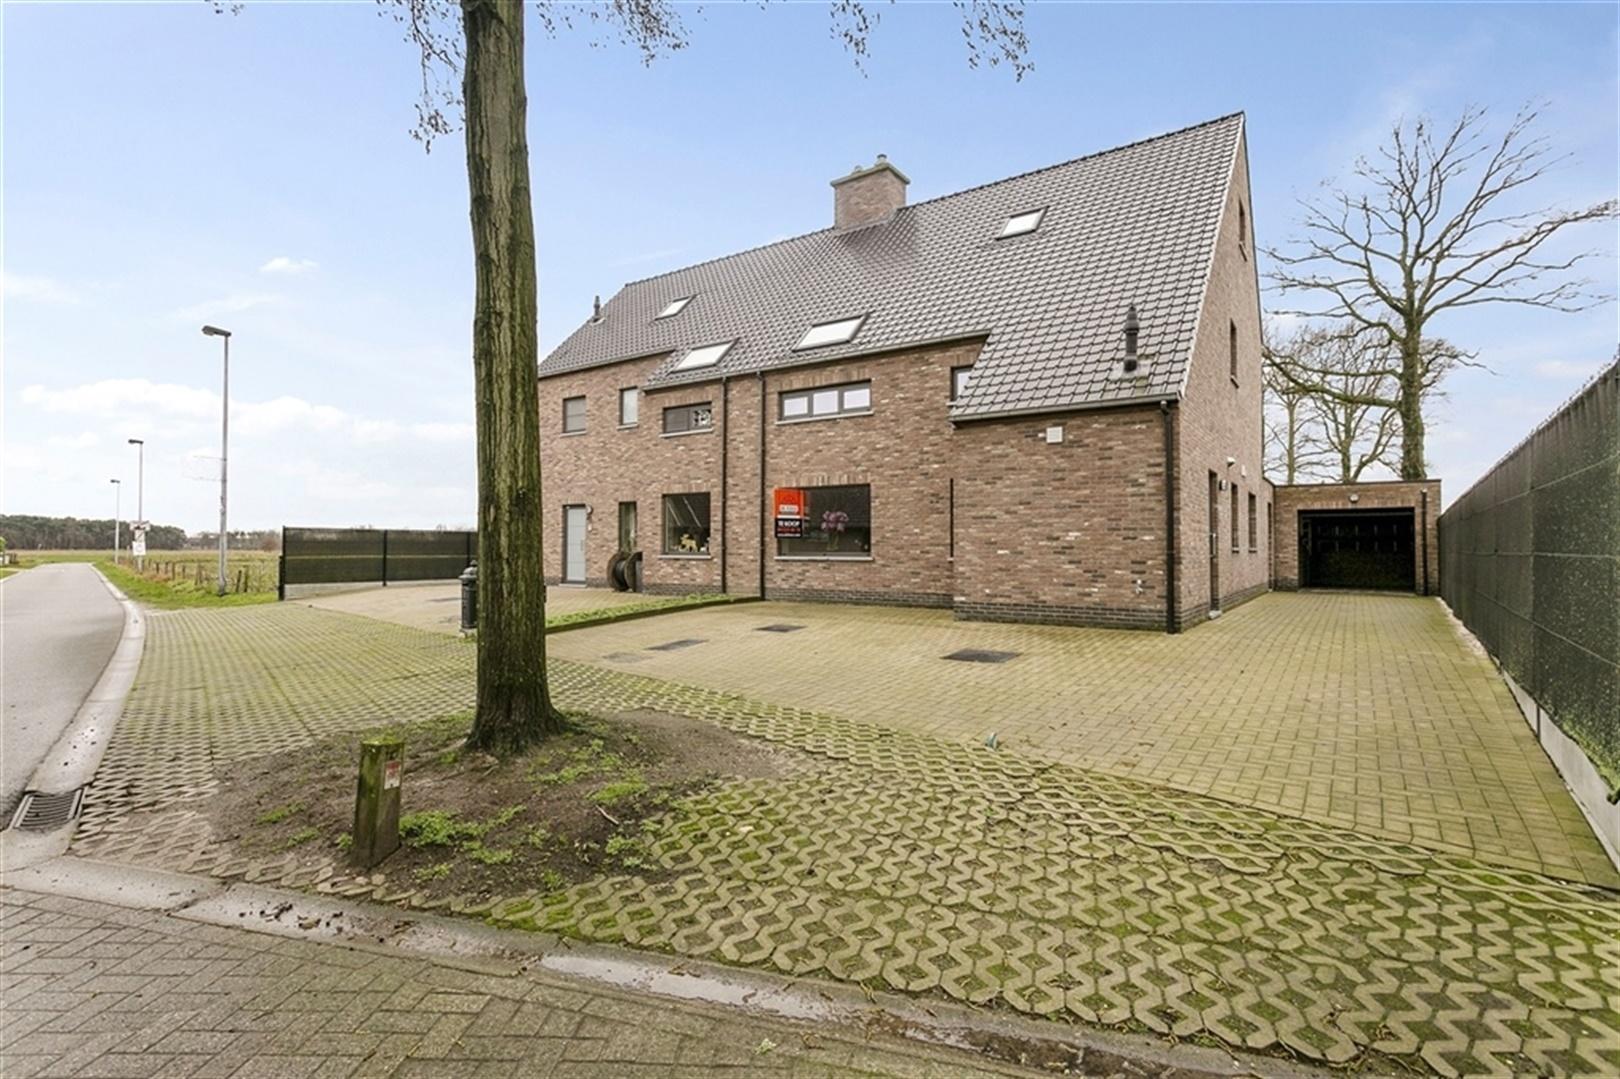 Energiezuinige woning met 5 slaapkamers in het landelijke Stekene.